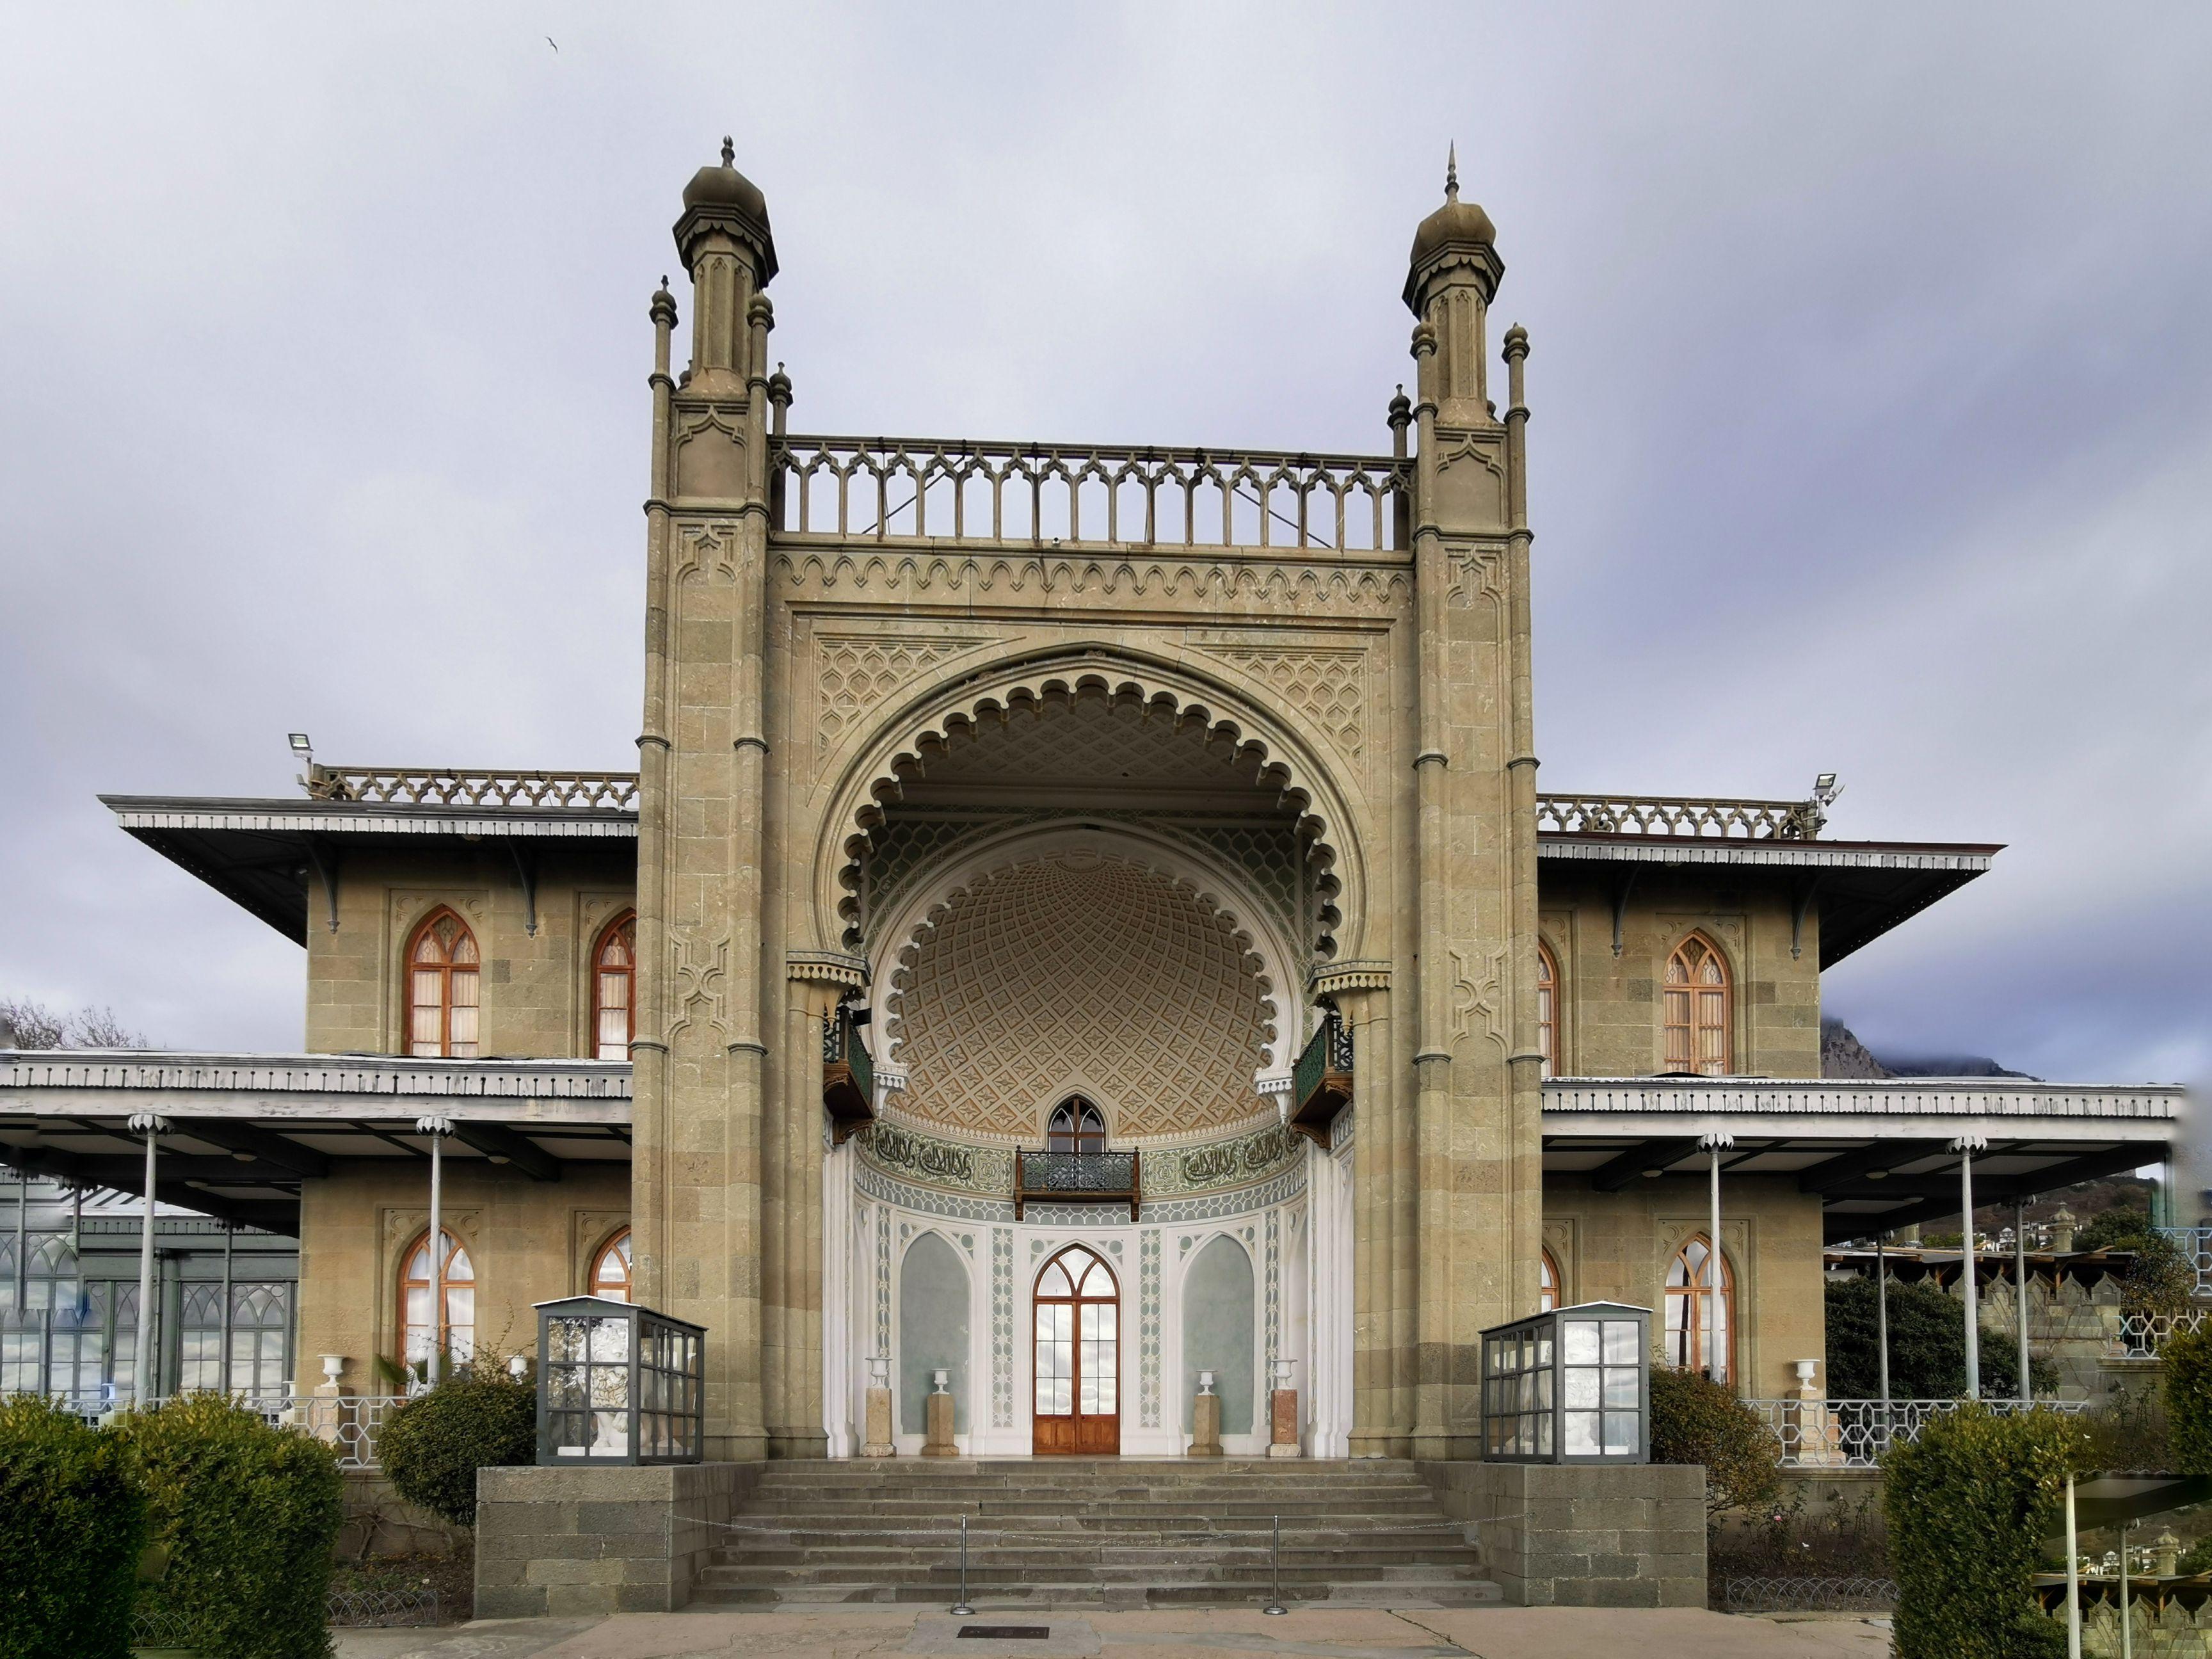 vorontsovskij-dvorez-yuzhnyi-vhod